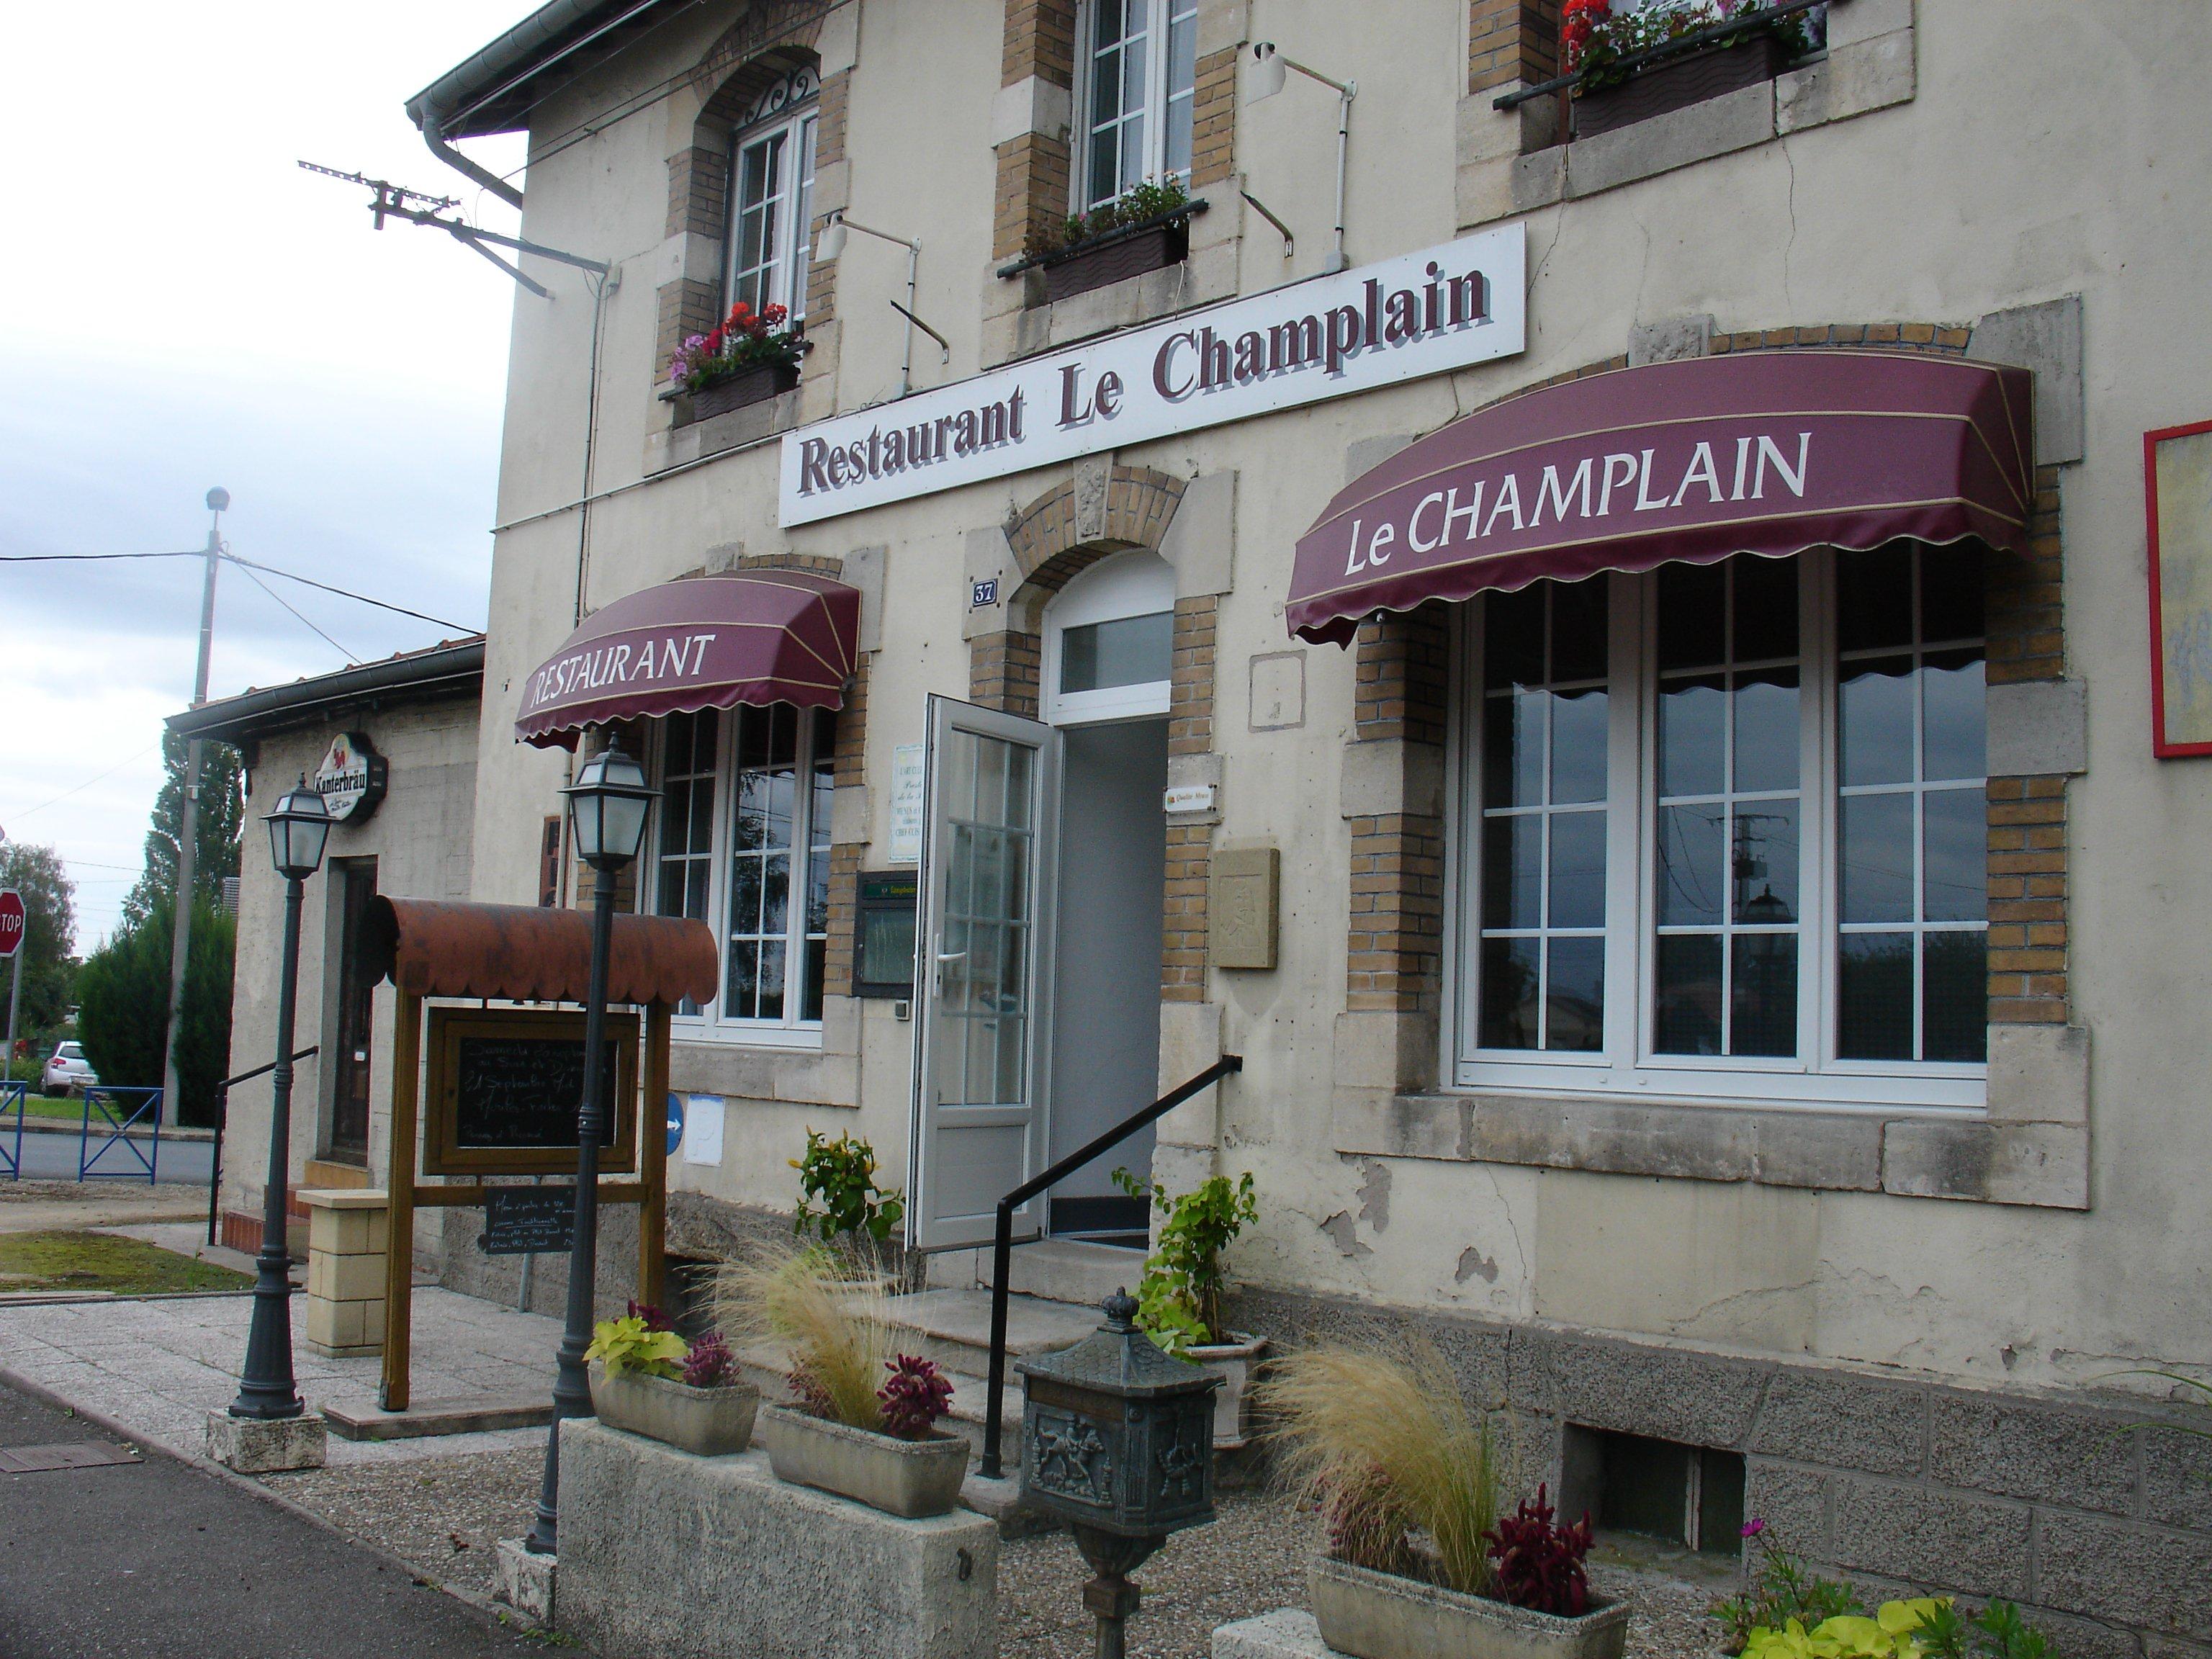 Le champlain ii restaurant fait maison fresnes en for Maison du luxembourg restaurant